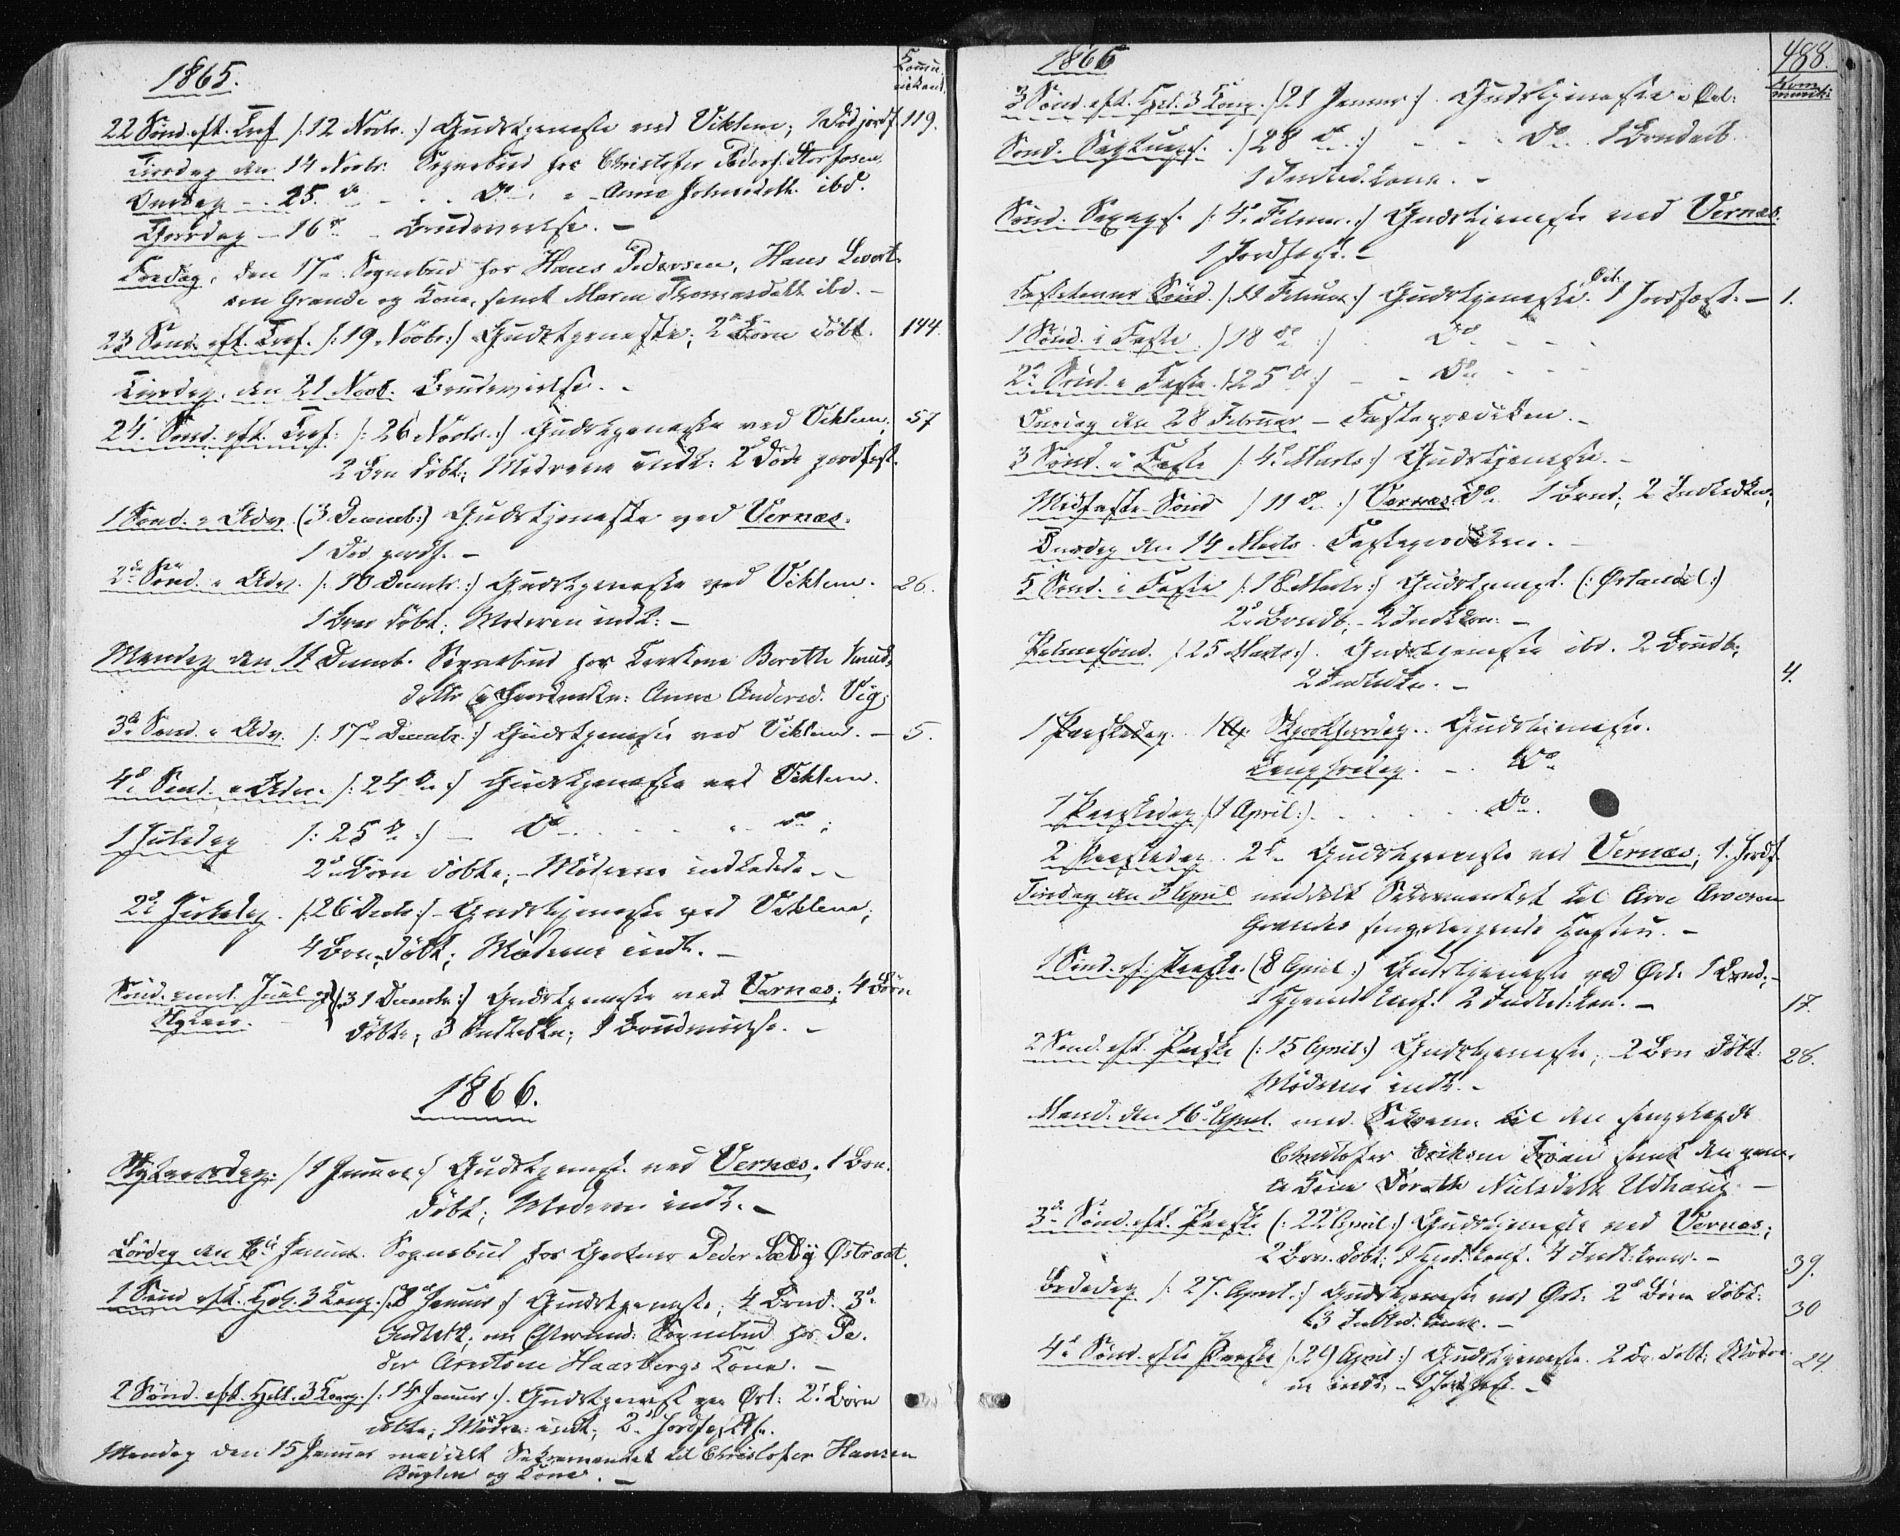 SAT, Ministerialprotokoller, klokkerbøker og fødselsregistre - Sør-Trøndelag, 659/L0737: Ministerialbok nr. 659A07, 1857-1875, s. 488